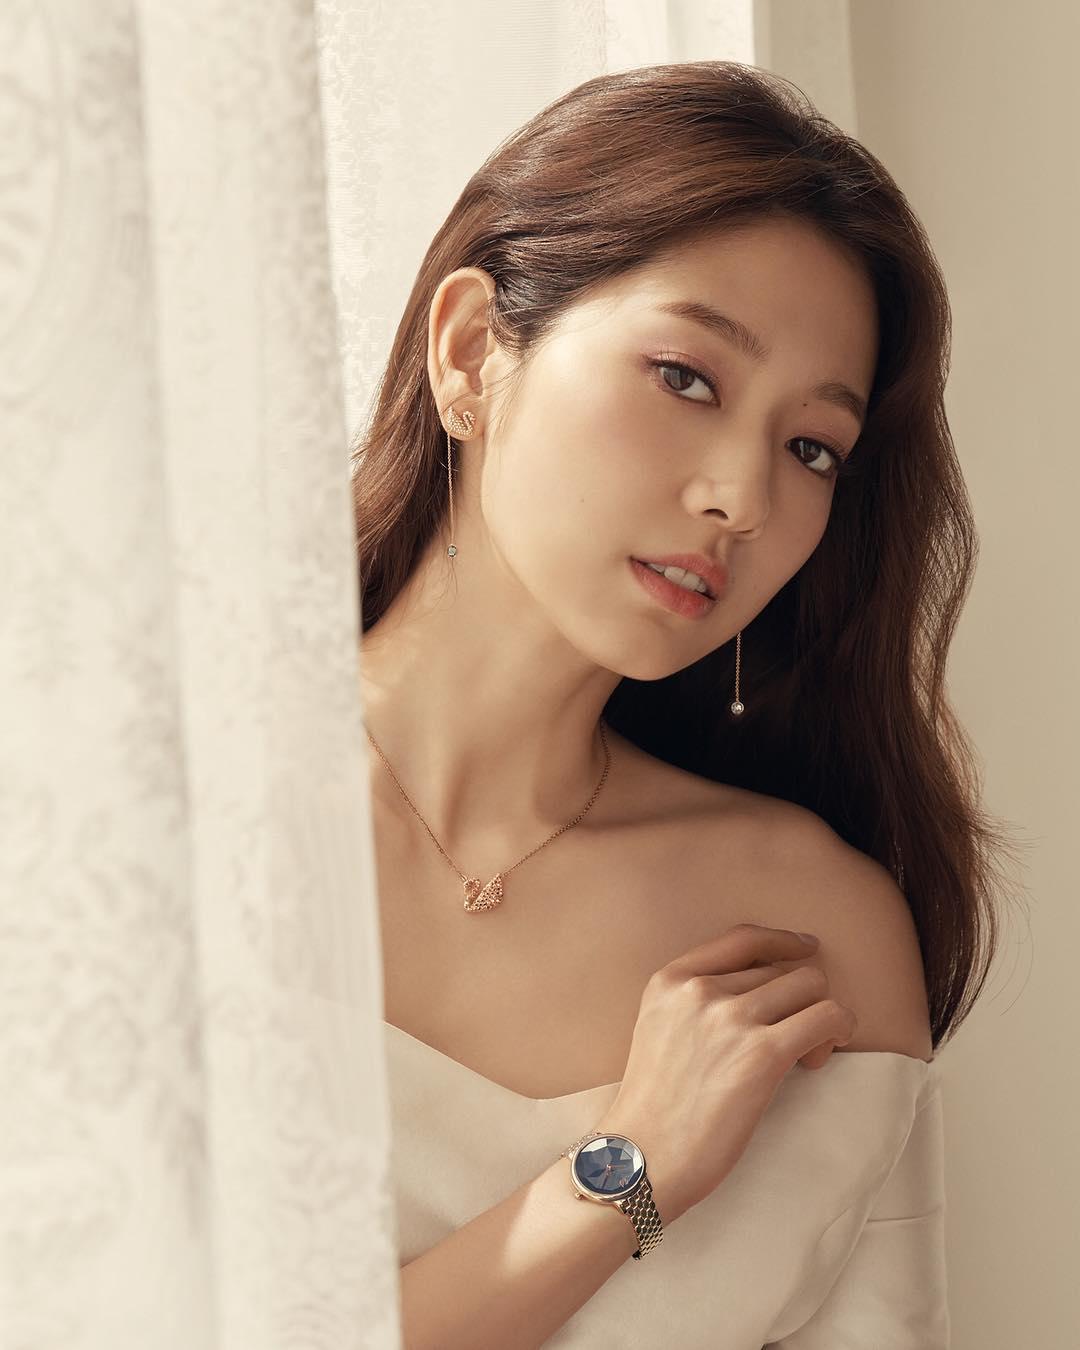 富二代app[新闻]180922 朴信惠优雅的珠宝画报公开 清冷的优雅女神